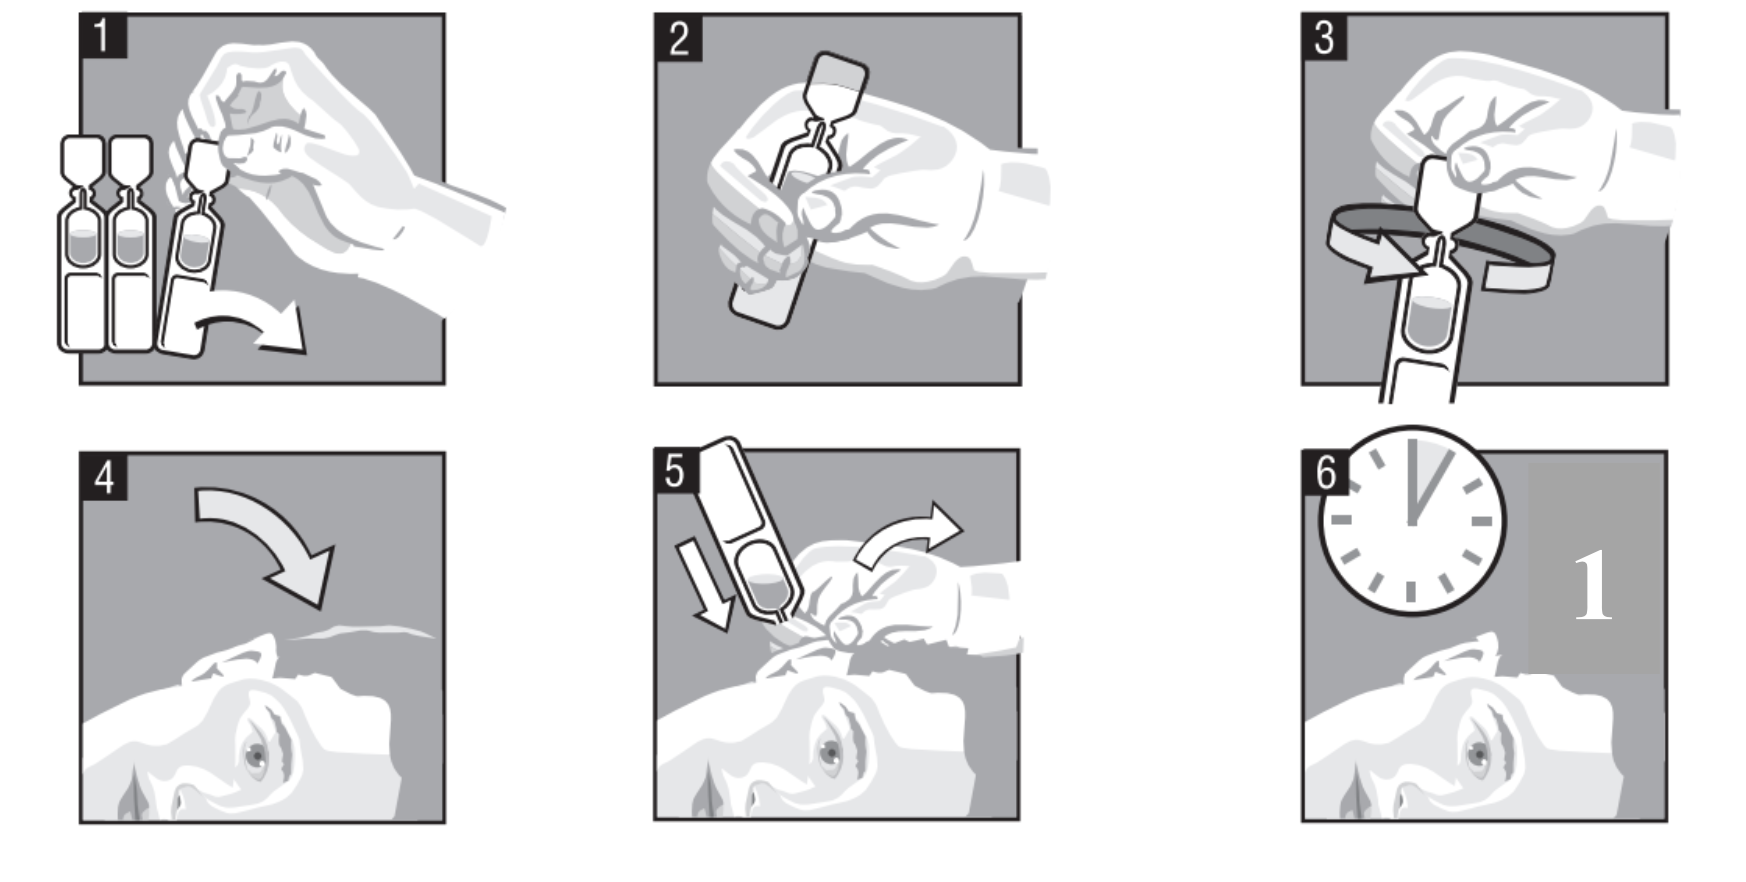 Instruktioner för användning av Cetraxal Comp